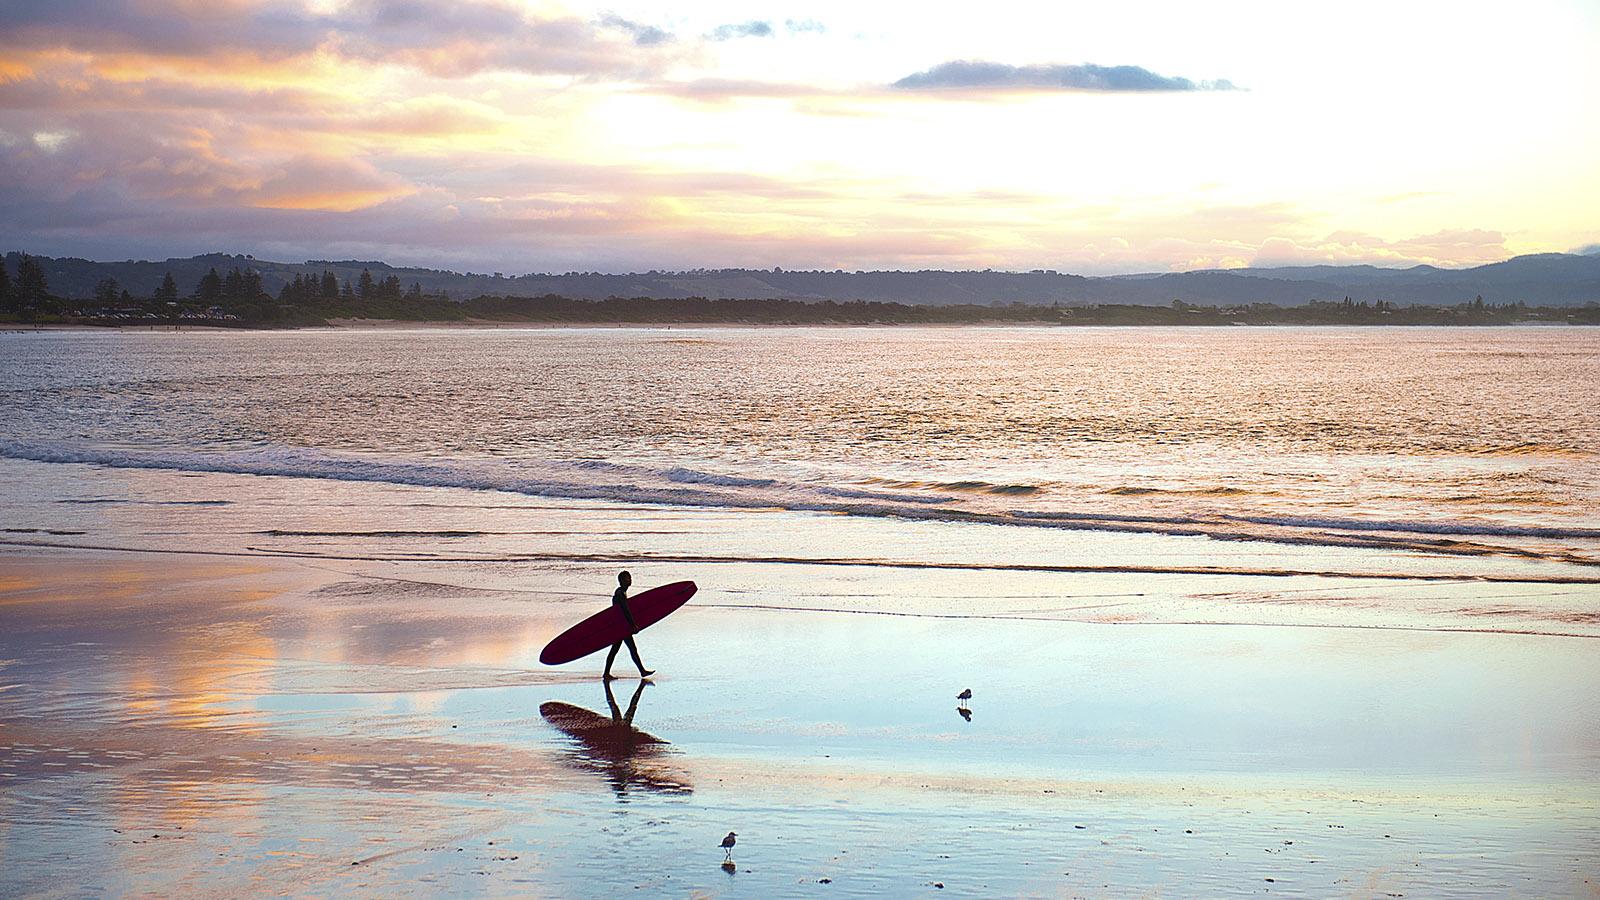 Byron Bay ist wie Surfers Paradise an Hotspot der Surfer an der Ostküste. Foto: Hilke Maunder